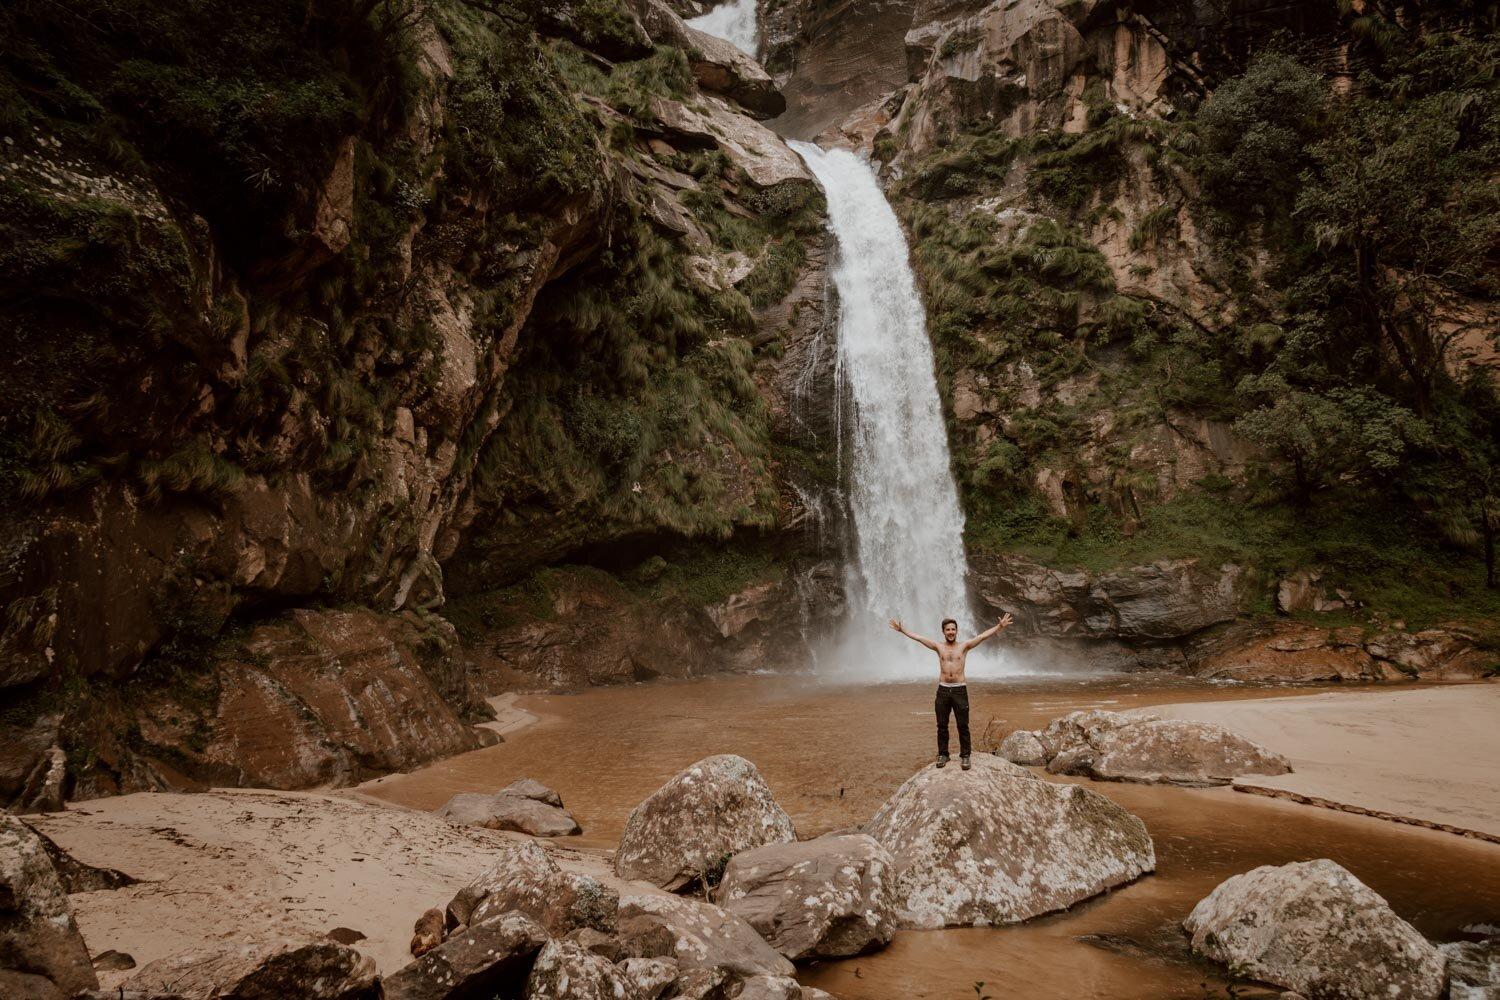 拉帕查瀑布,Samaipata